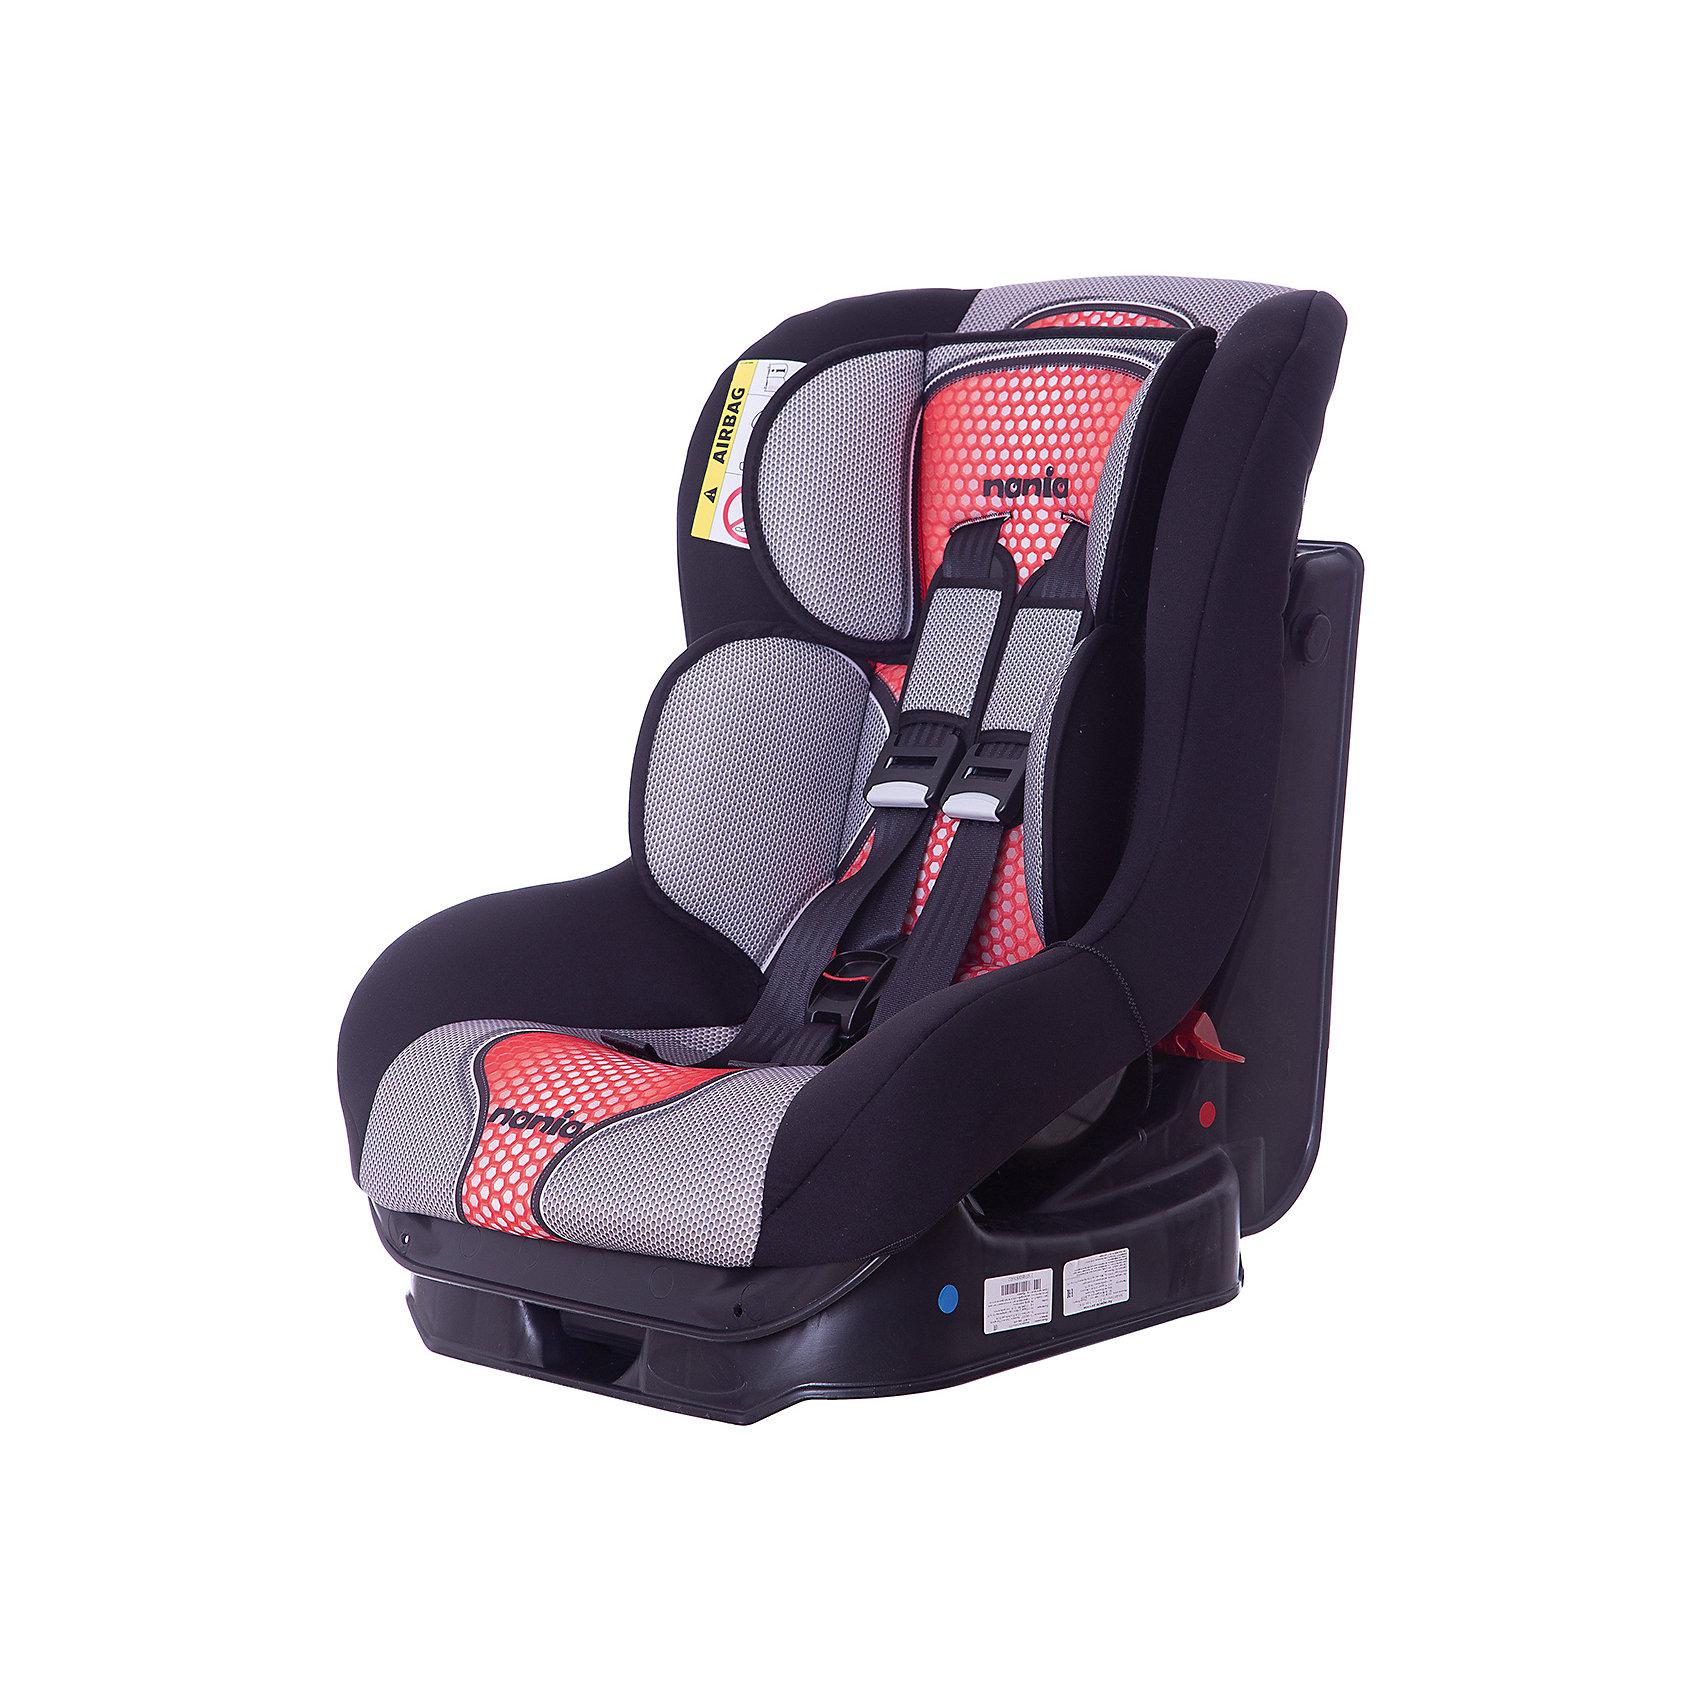 Автокресло Driver FST, 0-18 кг., Nania, pop redХарактеристики автокресла Nania Driver FST:<br><br>• группа 0-1;<br>• вес ребенка: до 18 кг;<br>• возраст ребенка: от рождения до 4-х лет;<br>• способ установки: по ходу движения автомобиля;<br>• способ крепления: штатными ремнями безопасности автомобиля;<br>• 5-ти точечные ремни безопасности с мягкими накладками;<br>• регулируемый наклон спинки;<br>• анатомический вкладыш для новорожденного, подголовник;<br>• дополнительная защита от боковых ударов;<br>• съемные чехлы, стирка при температуре 30 градусов;<br>• материал: пластик, полиэстер;<br>• стандарт безопасности: ЕСЕ R44/03.<br><br>Размер автокресла: 59х48х43 см<br>Размер упаковки: 45х50х60 см<br>Вес в упаковке: 4,44 кг<br><br>Обезопасить ребенка во время поездок на машине помогает детское автокресло. Группа автокресел 0/1 используется, пока вес ребенка находится в пределах 18 кг. Регулируемый наклон спинки позволяет малышу выбрать подходящее положение и для сна, и для игр. Малыша пристегивают встроенными ремнями безопасности, которые регулируются по длине. <br><br>Автокресло Driver FST, 0-18 кг., Nania, pop red можно купить в нашем интернет-магазине.<br><br>Ширина мм: 600<br>Глубина мм: 460<br>Высота мм: 520<br>Вес г: 12490<br>Возраст от месяцев: 0<br>Возраст до месяцев: 48<br>Пол: Унисекс<br>Возраст: Детский<br>SKU: 5287297